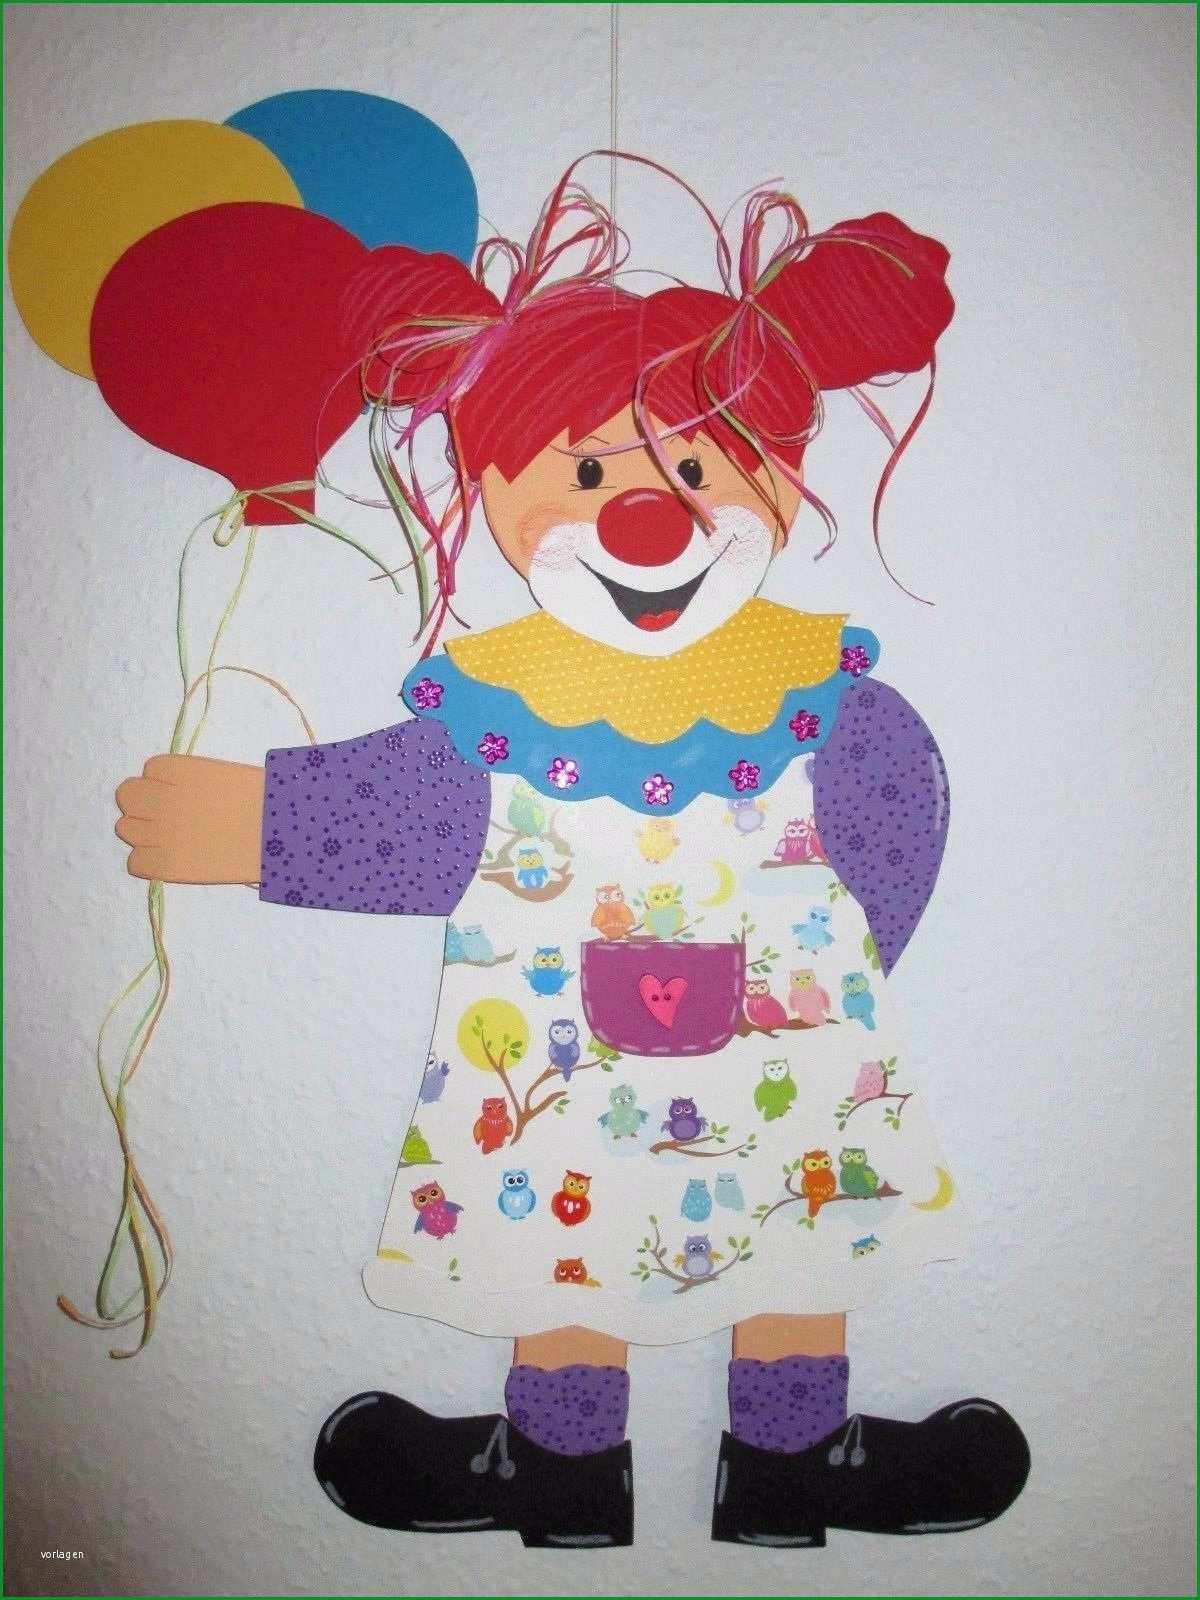 fensterbildtonkarton clownin violetta xxlherbstwinterfasching bestimmt fur clown basteln vorlage